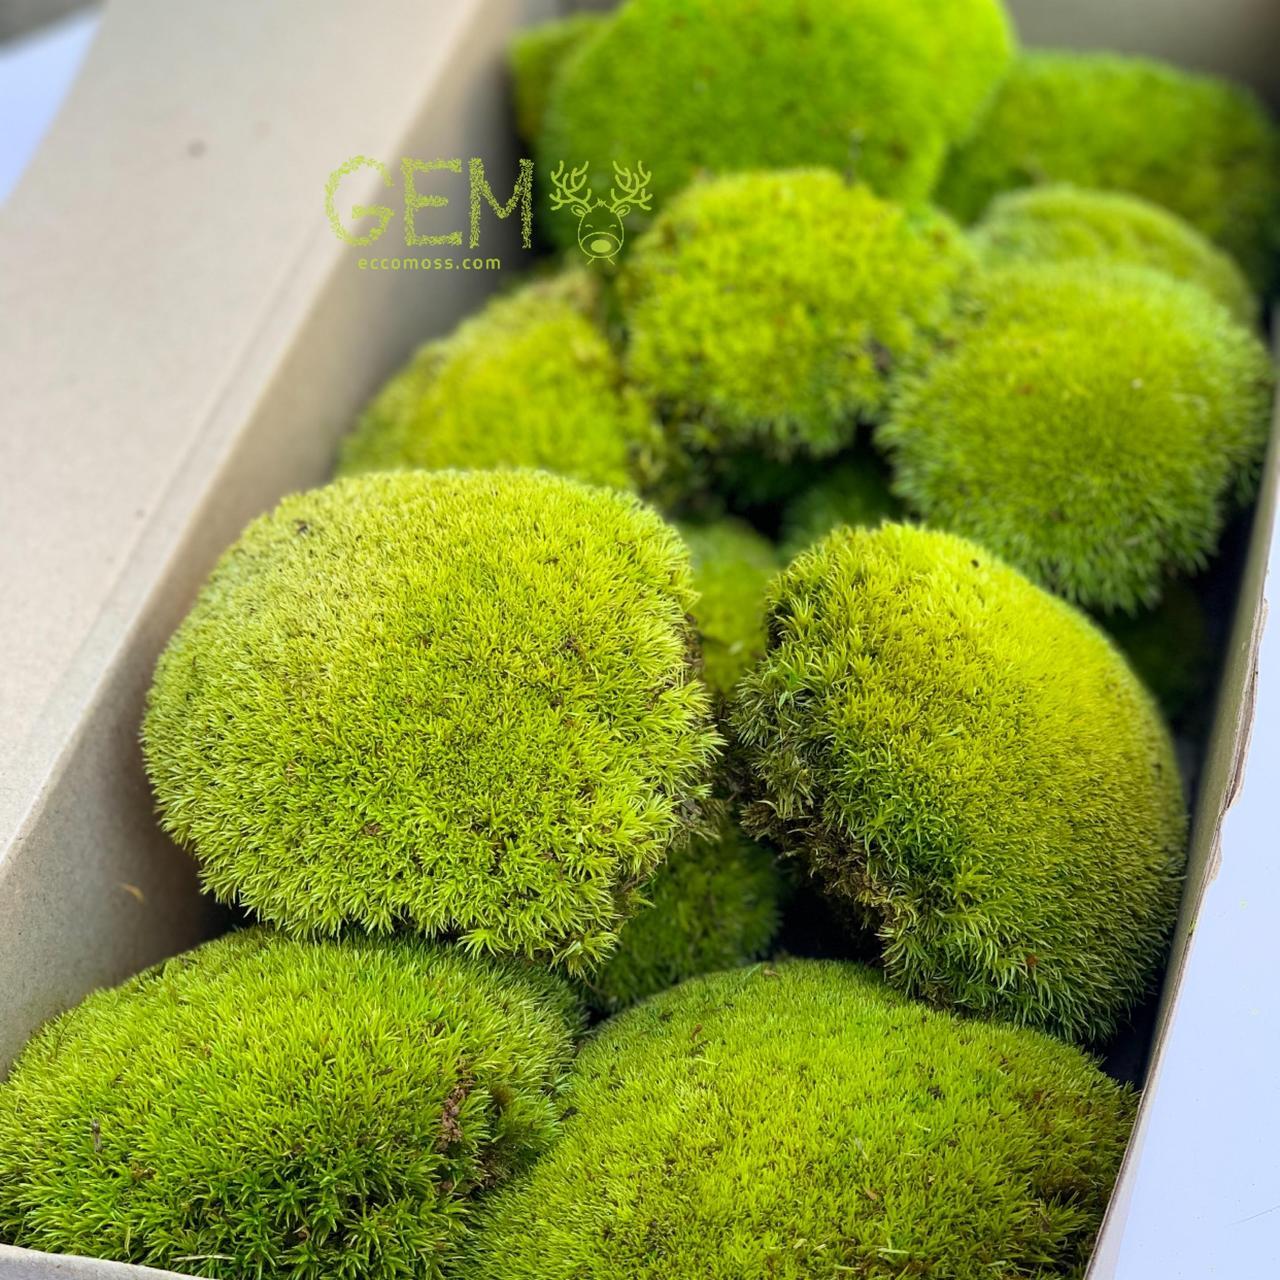 Стабілізований мох Green Ecco Moss купина лайм 0.5 кг.